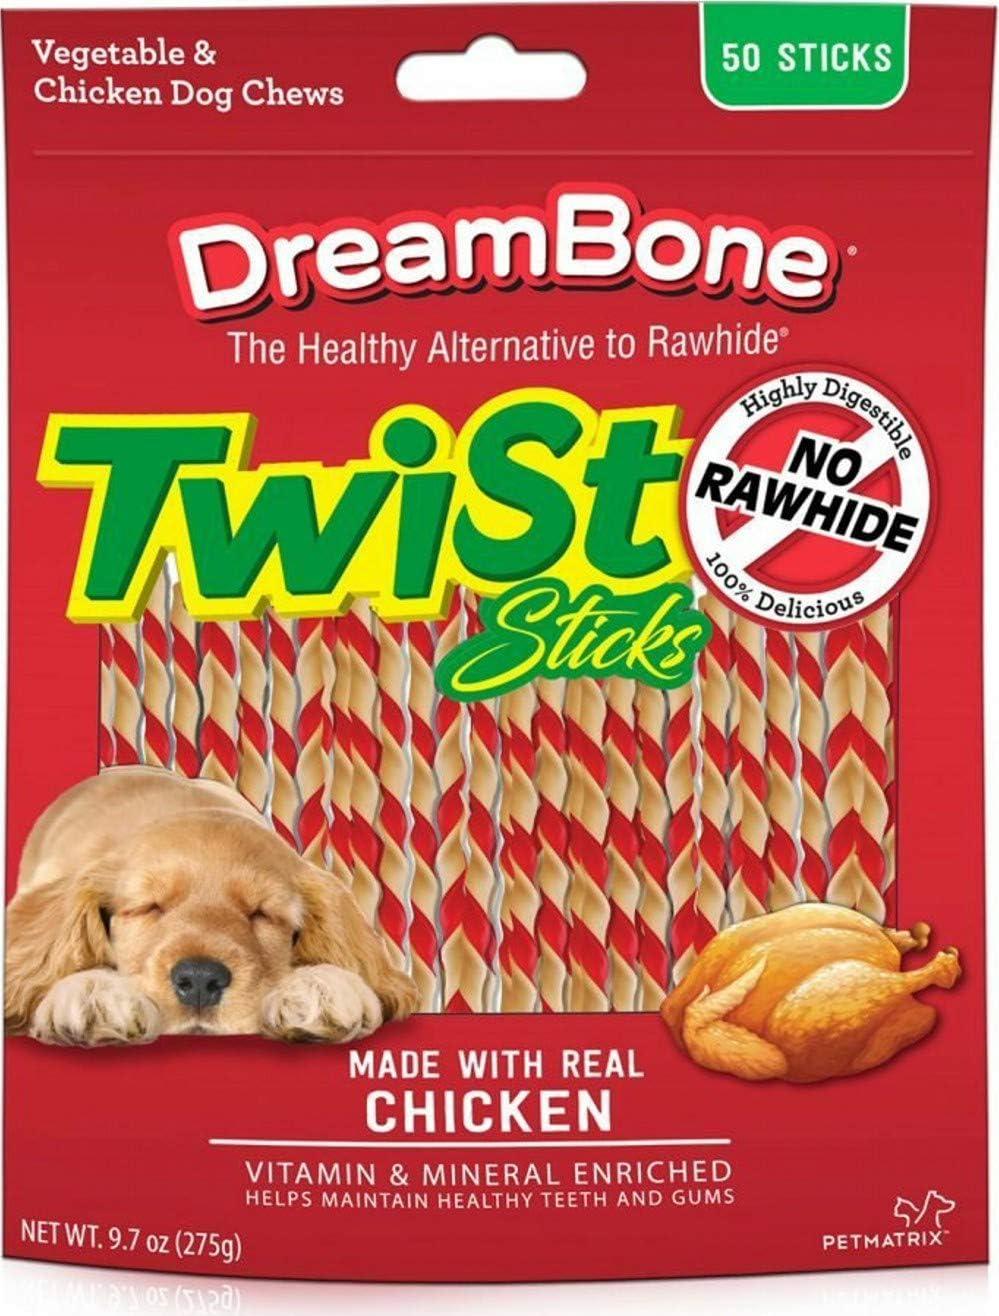 DreamBone Twist Sticks Dog Chews, Chicken, 50 Count, 24 Pack